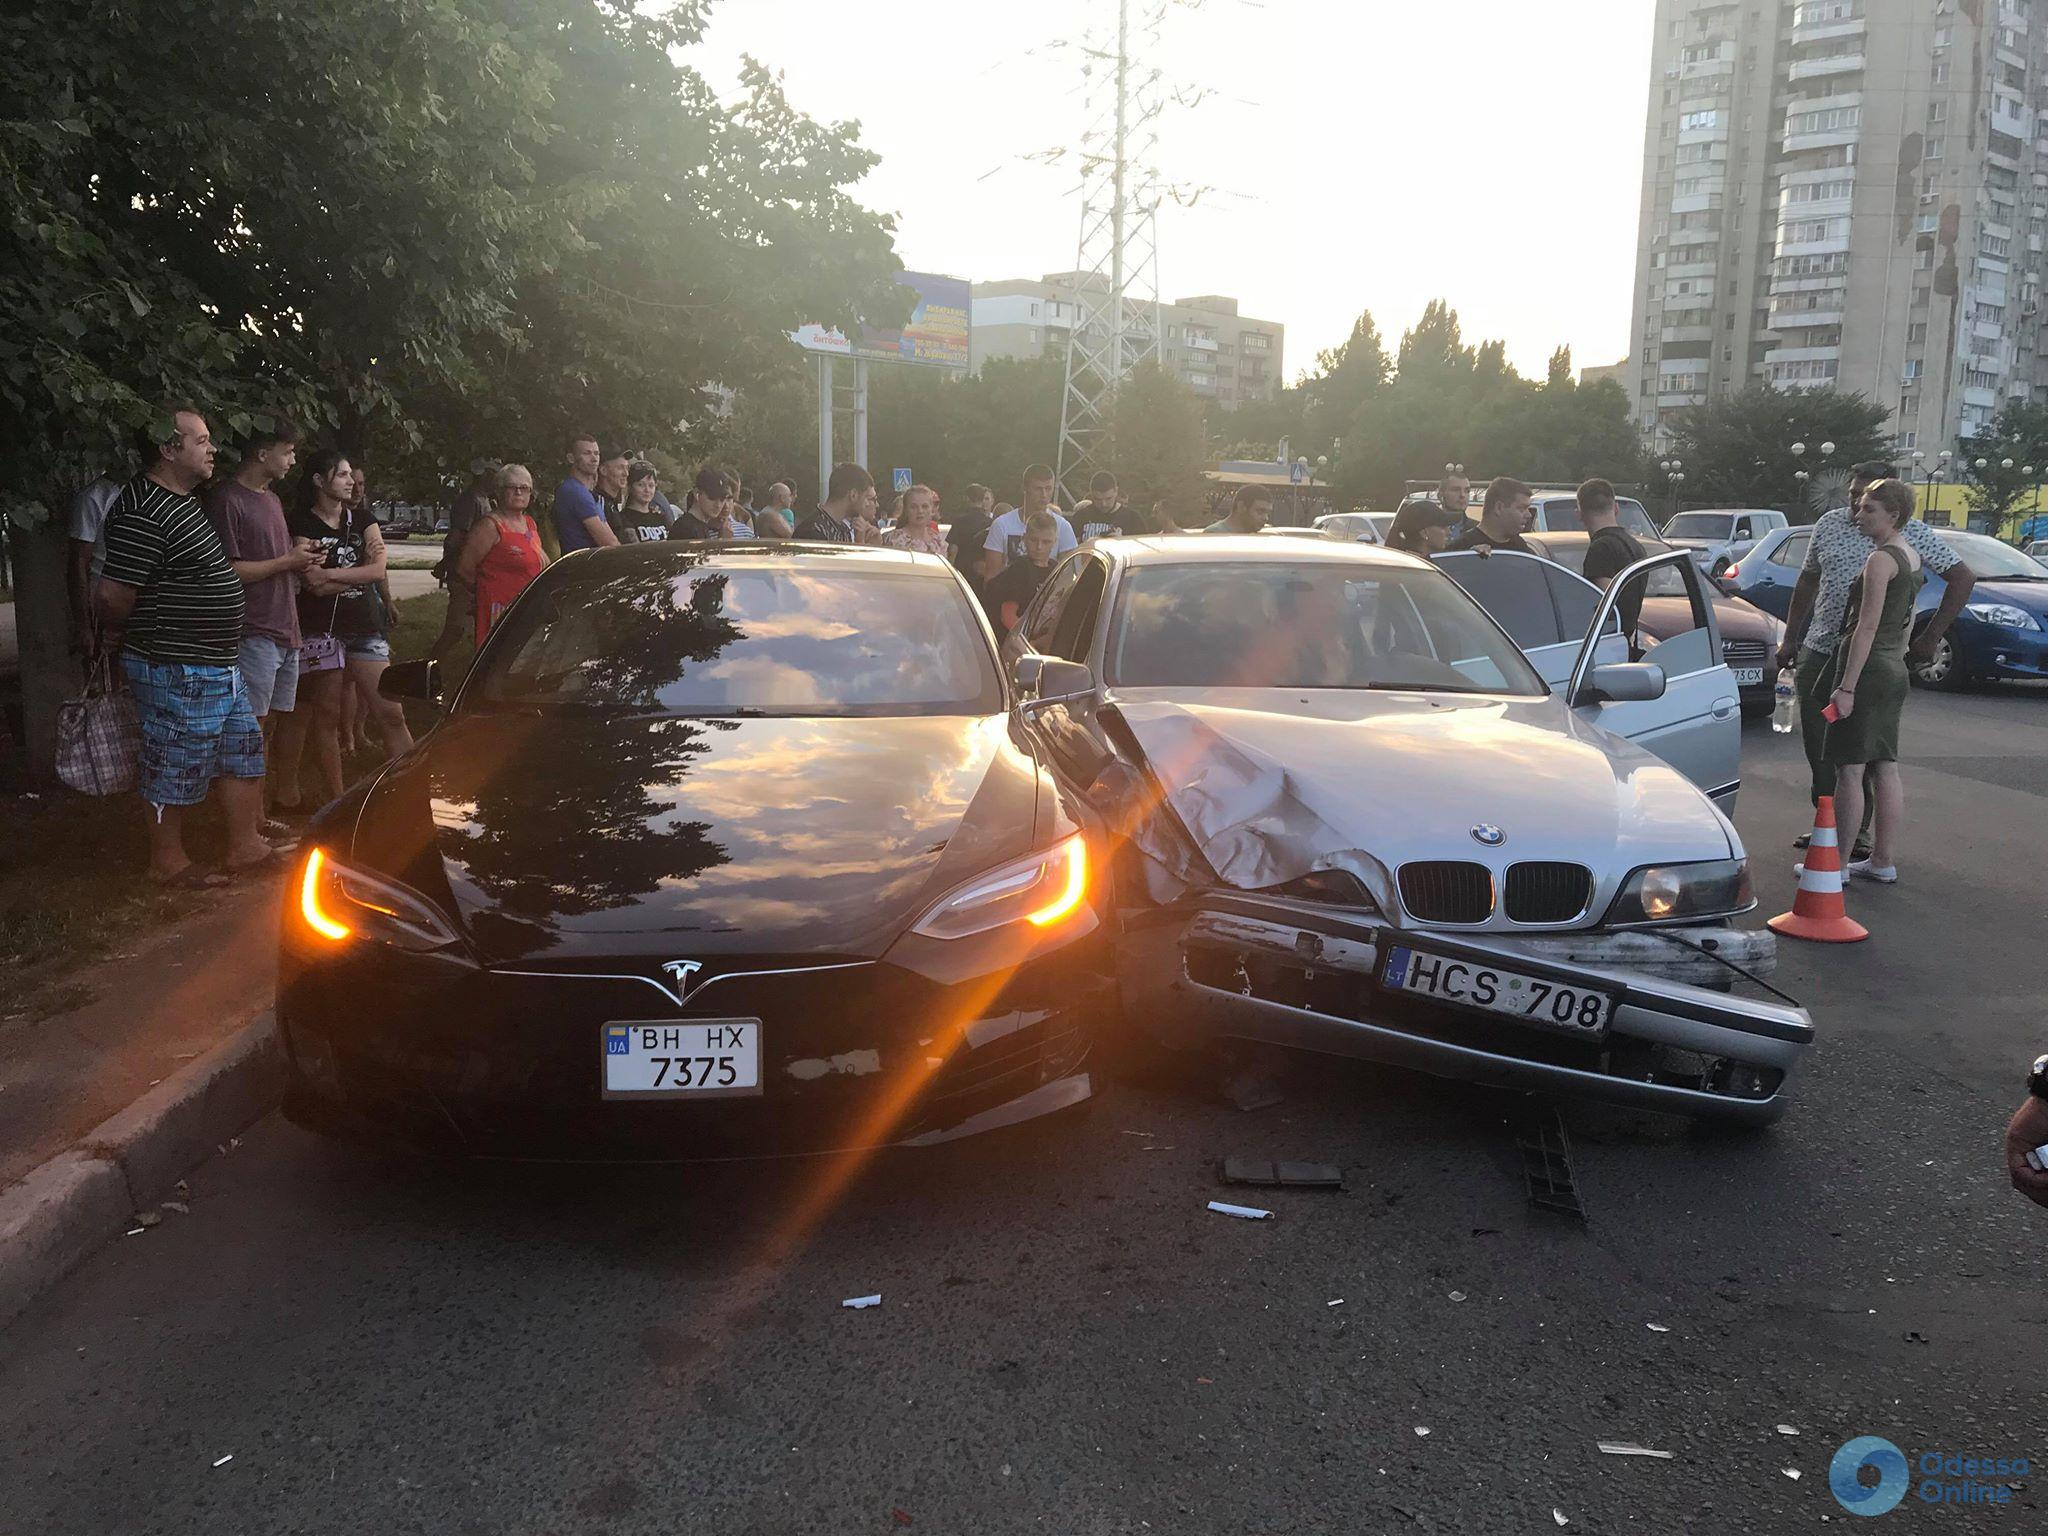 """""""Скотинюка! Покидьок і тварюка! Зніми автомат, лягай на підлогу!"""", - в центрі Києва поліція, із застосуванням сльозогінного газу, затримала нетверезу компанію на Land Cruiser - Цензор.НЕТ 3833"""